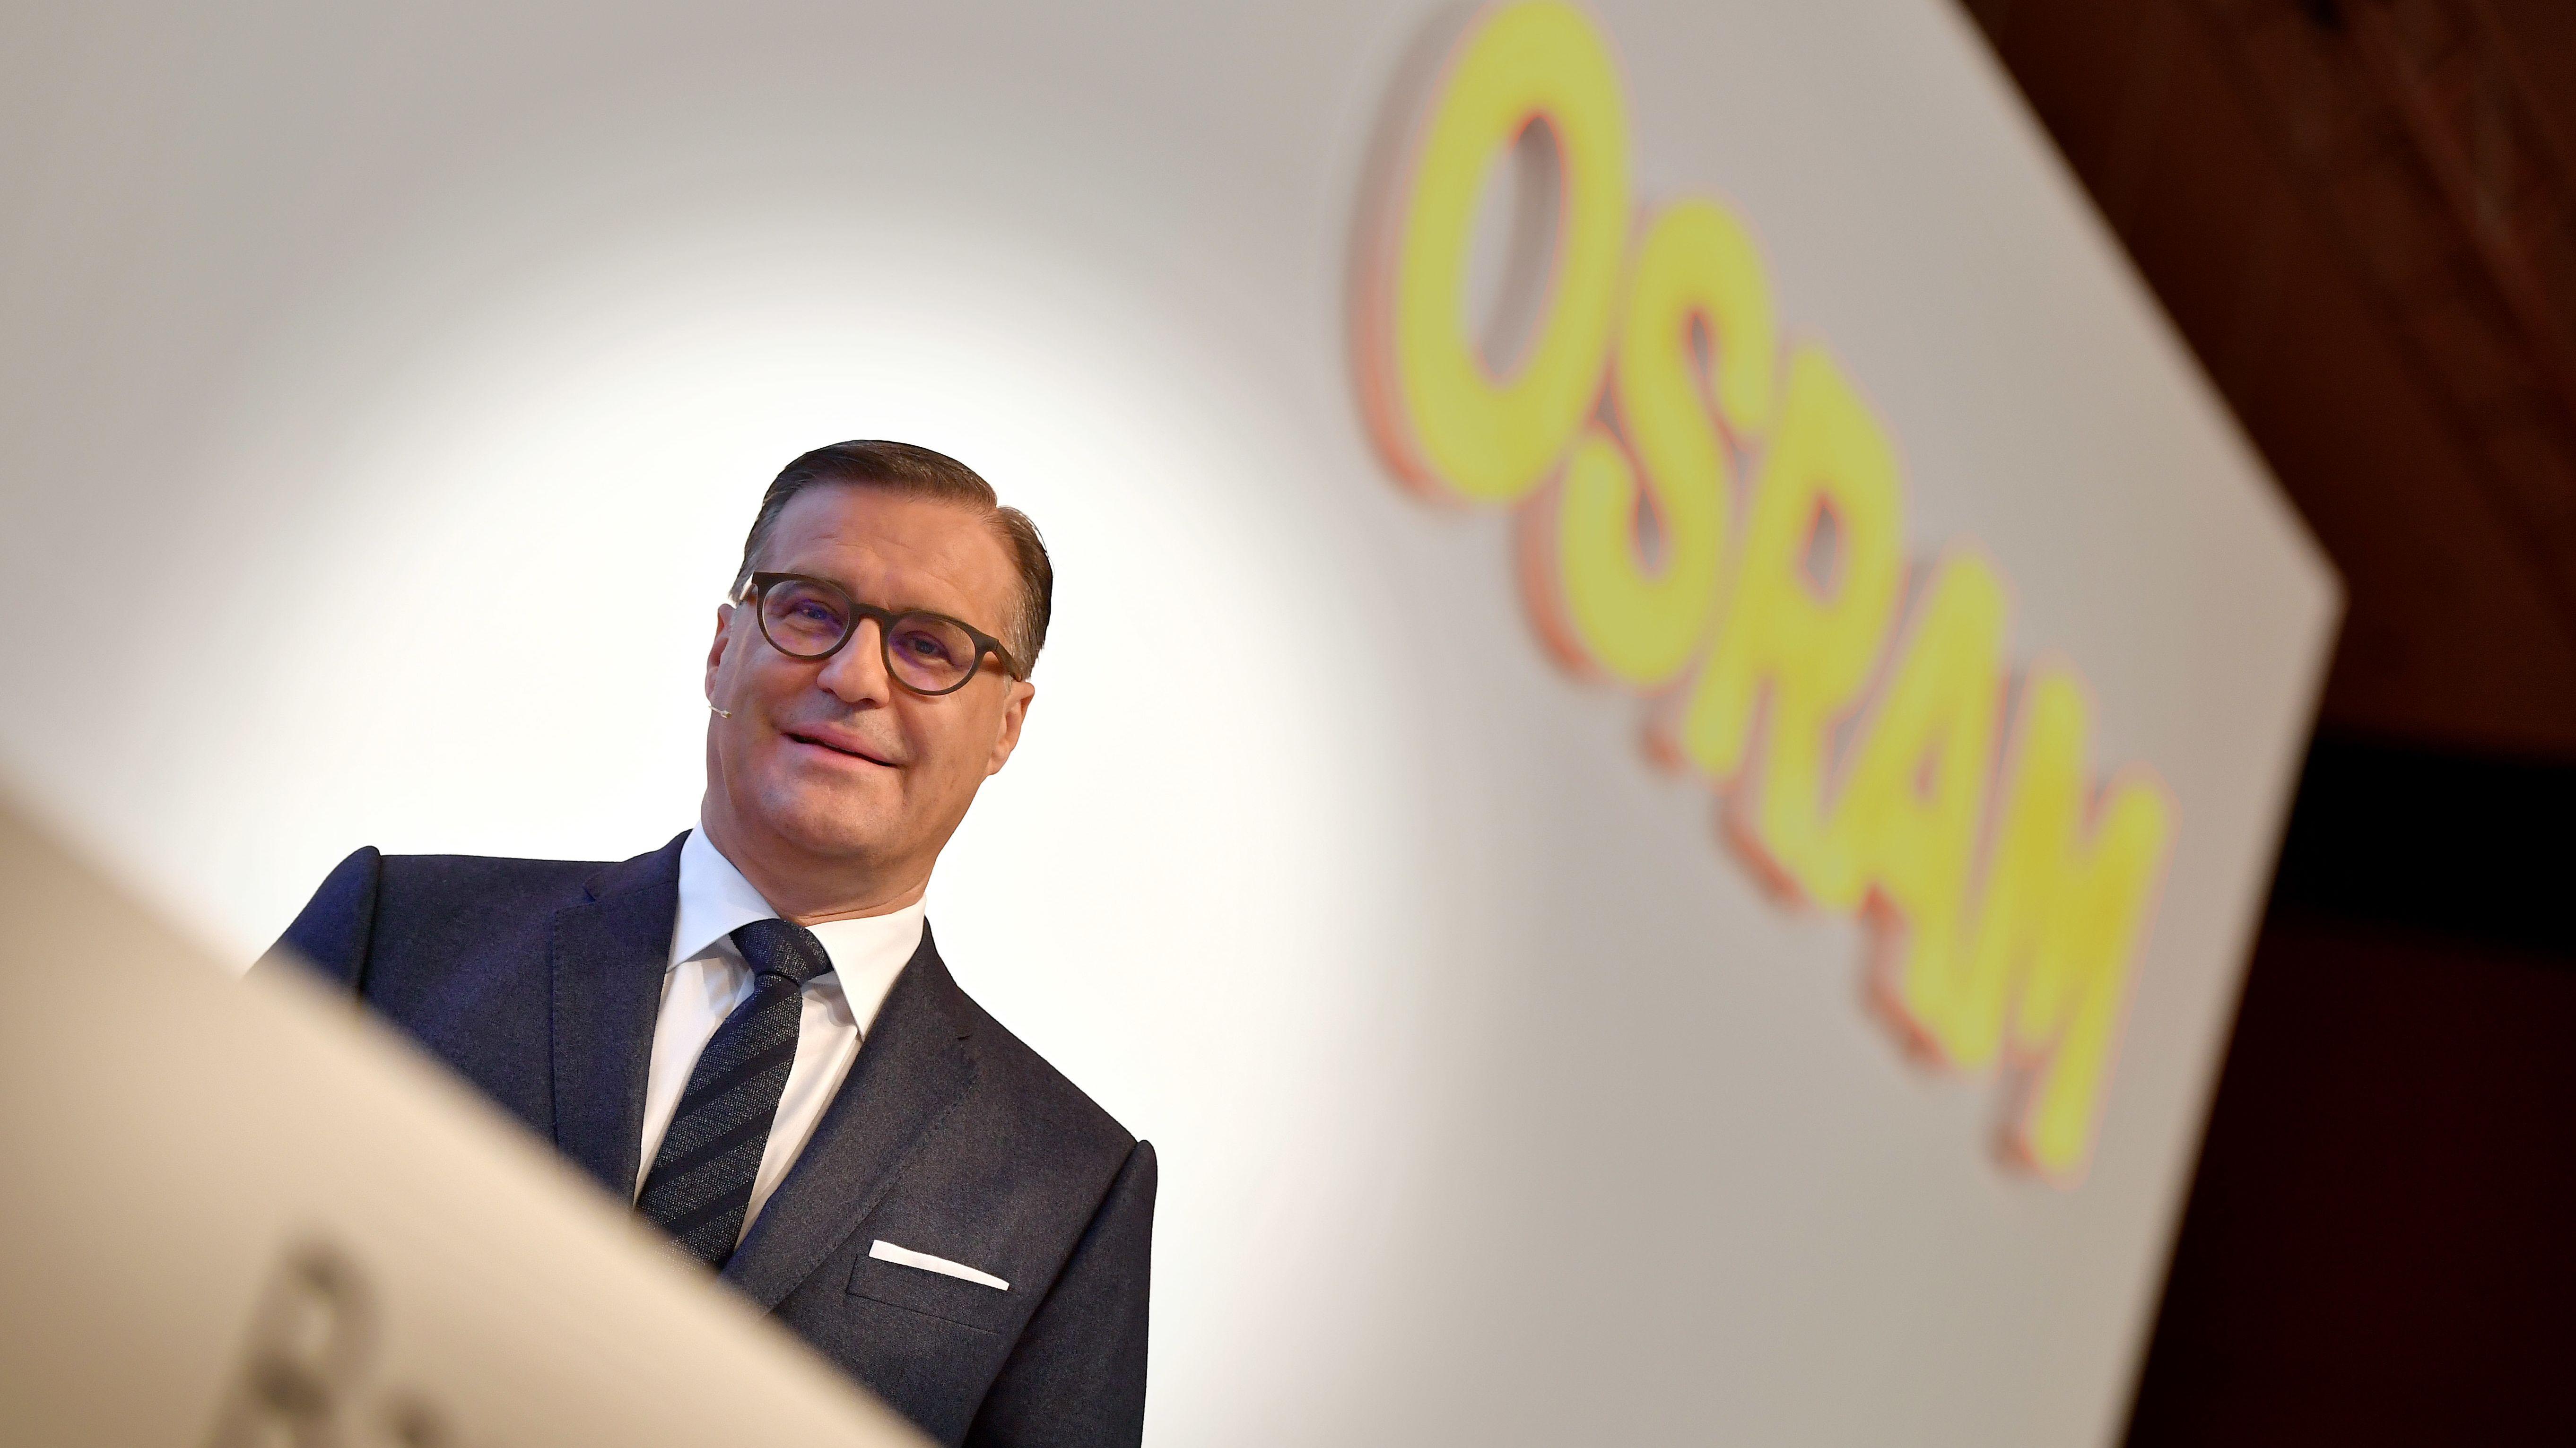 Osram-Vorstandschef Olaf Berlien auf der Hauptversammlung.